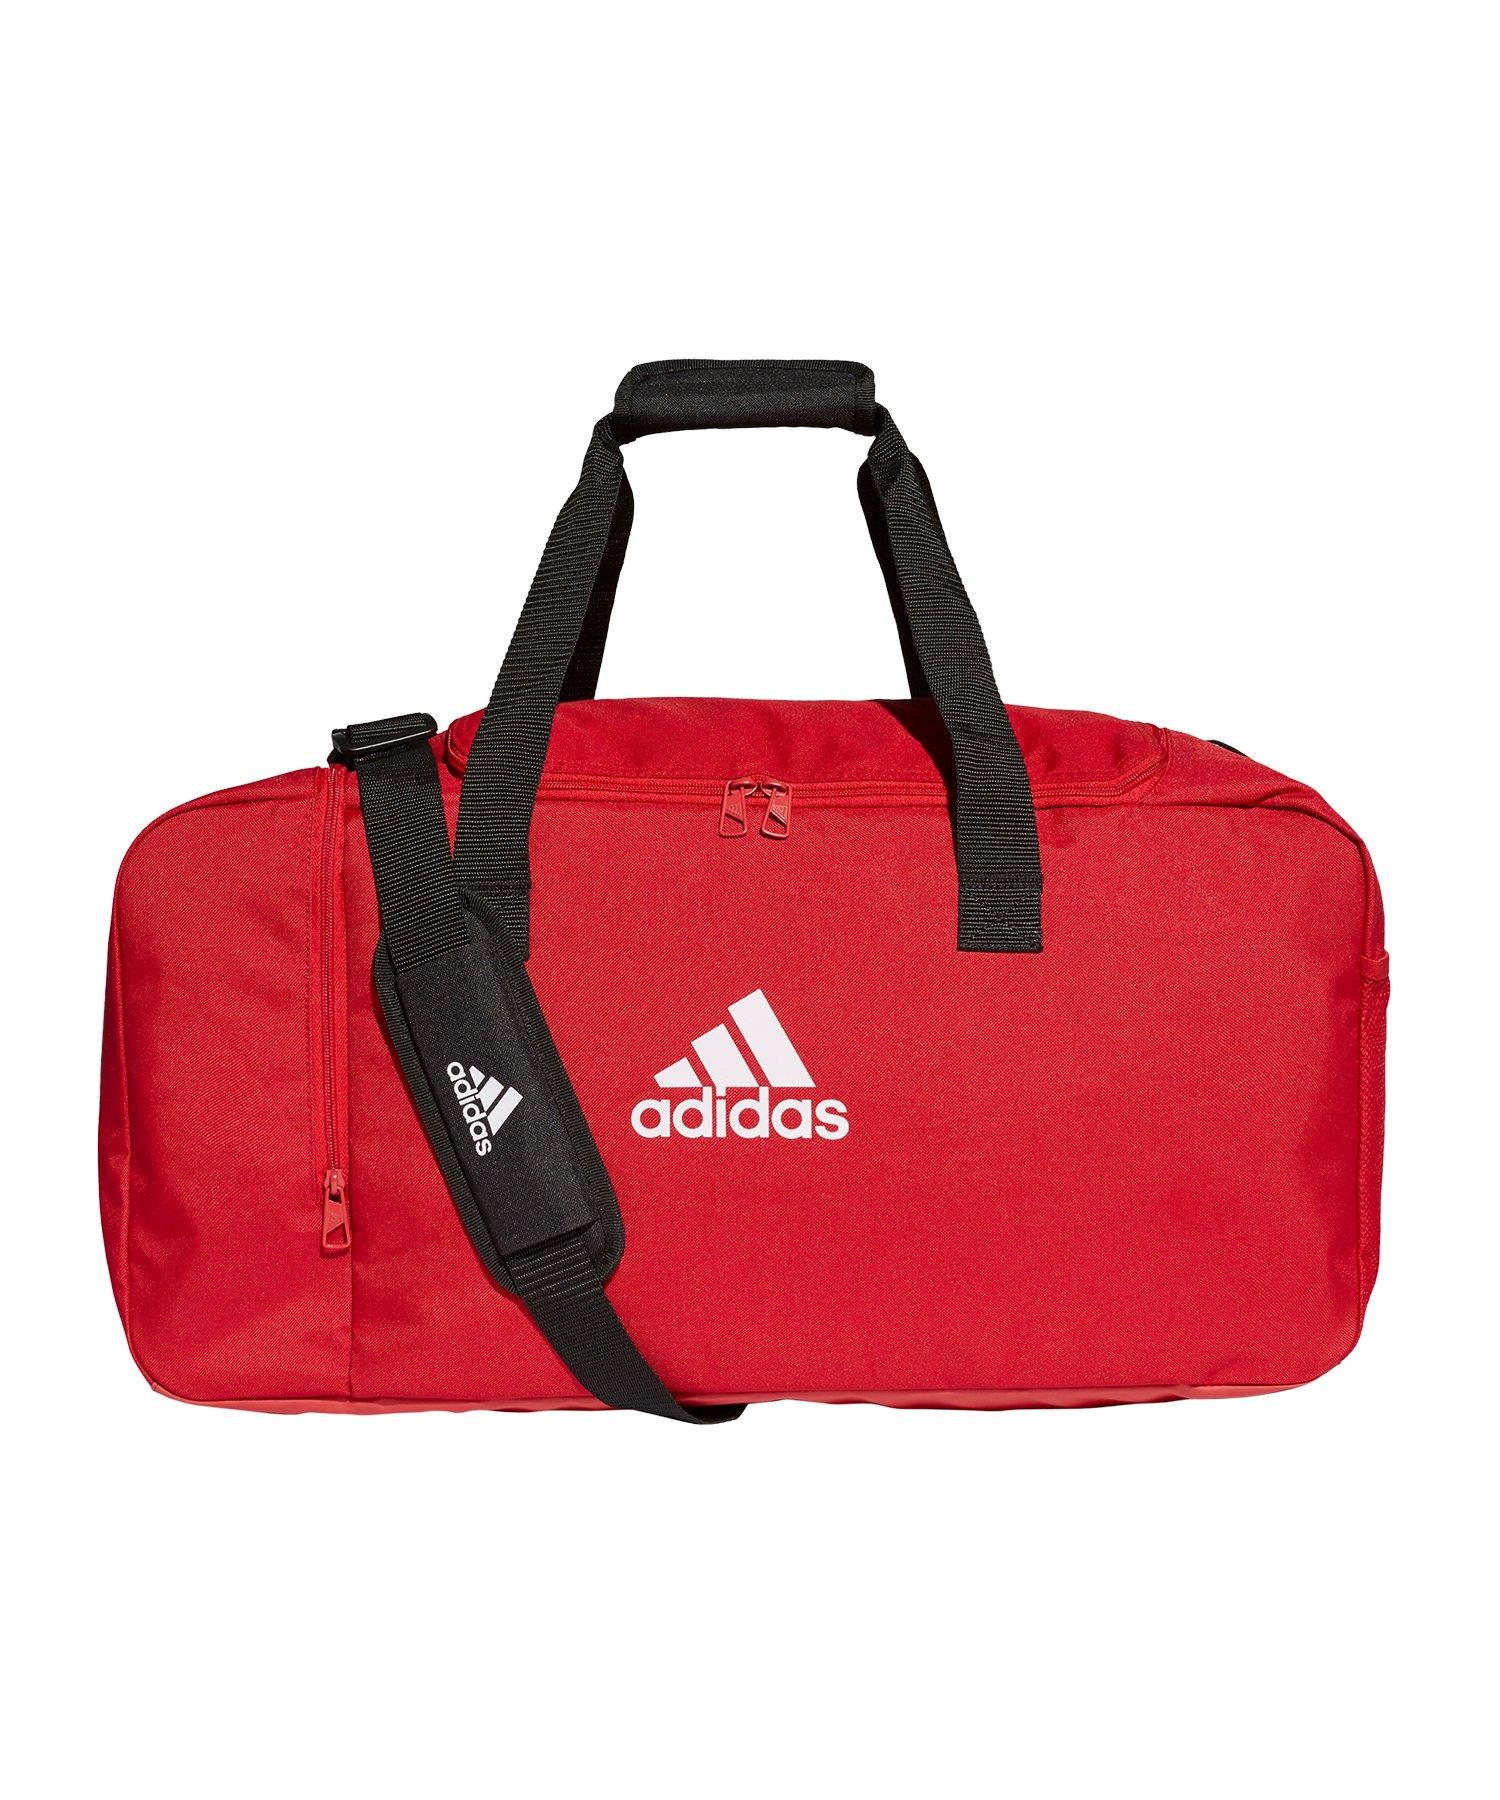 adidas Tiro Duffel Bag Gr. M Rot Weiss - rot